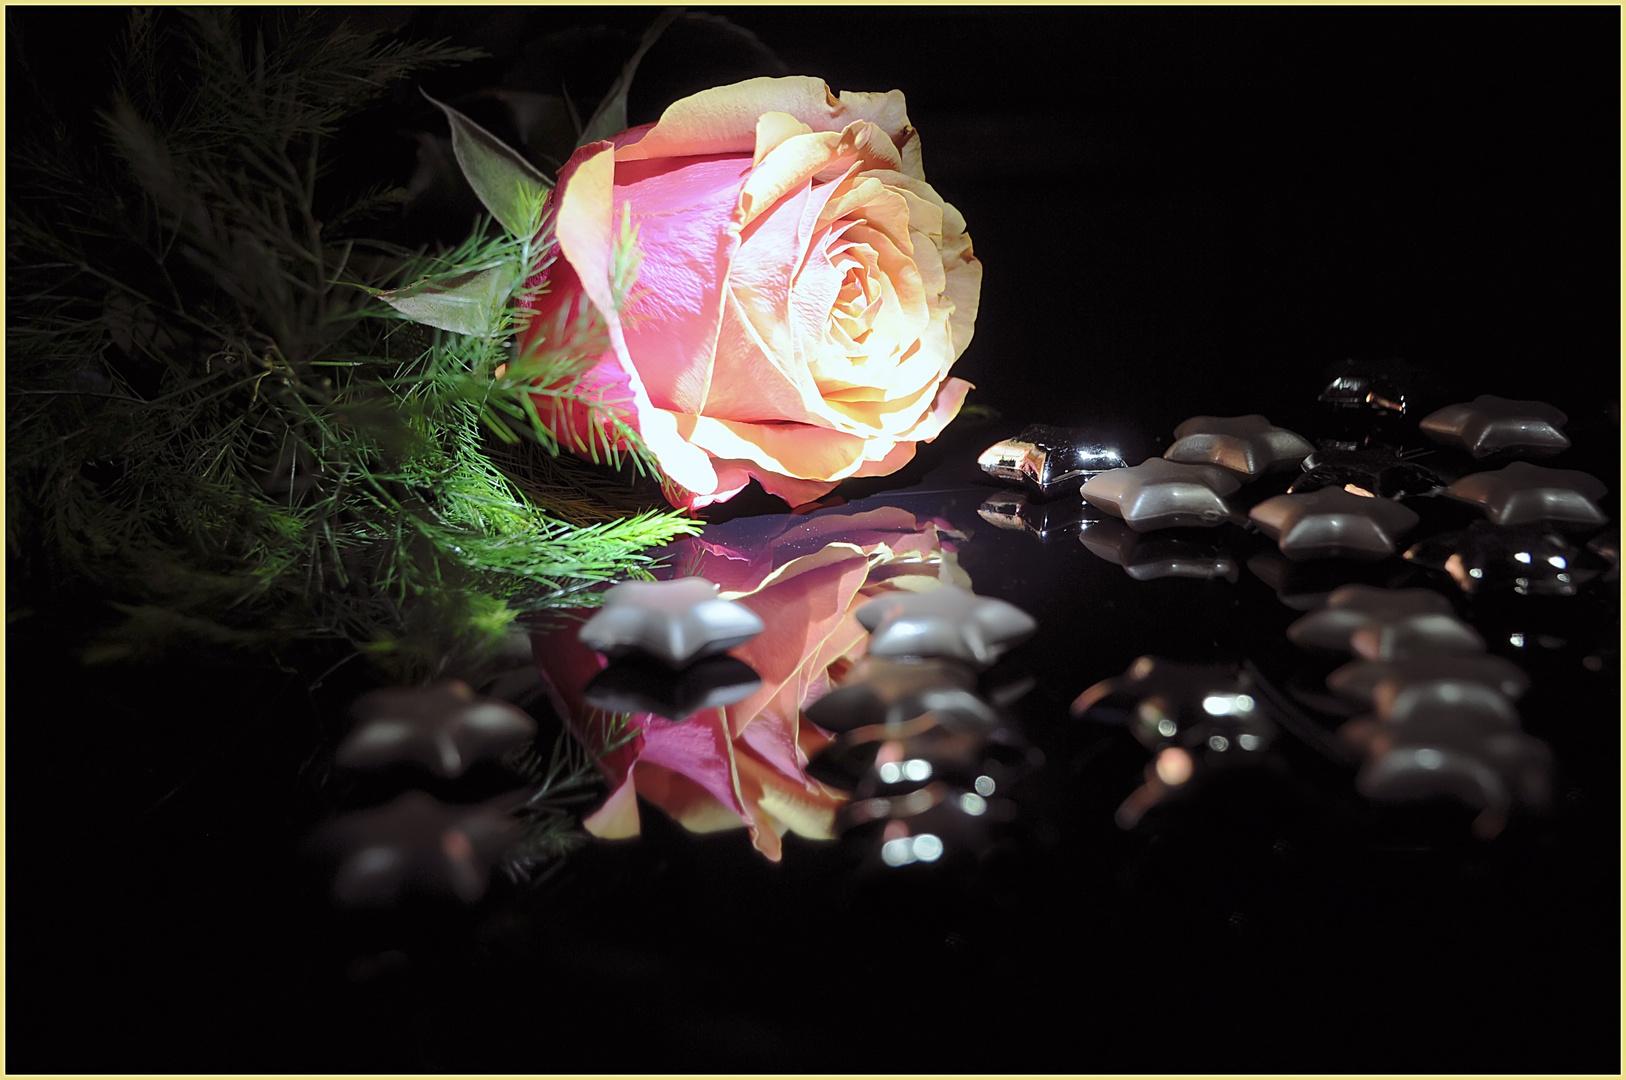 Die einsame Rose